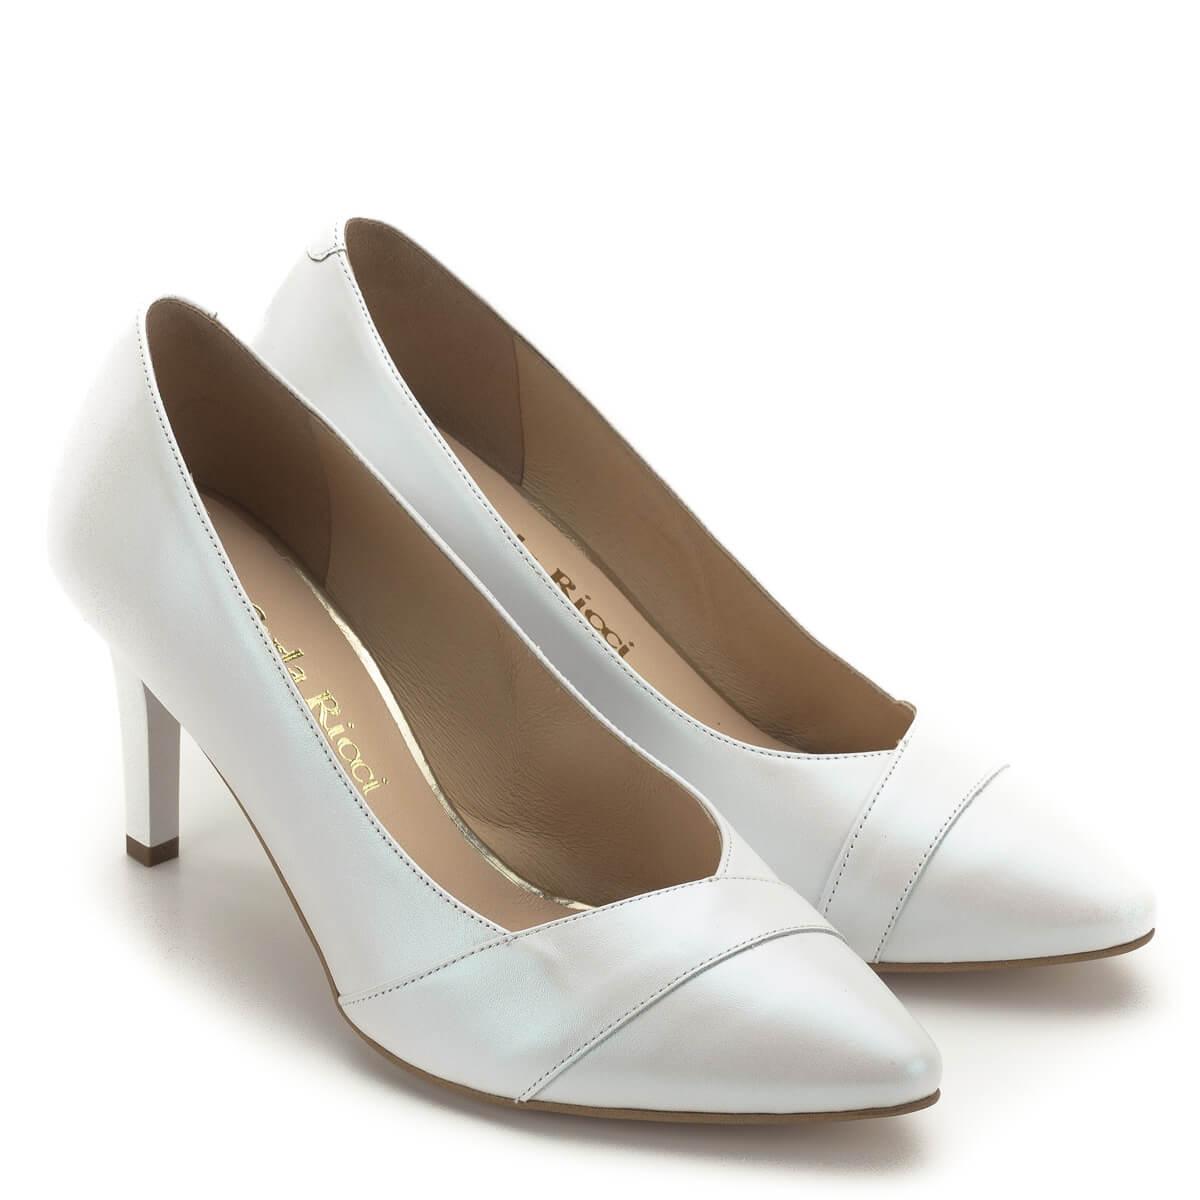 78ecb5839e Esküvői cipőnek,; Carla Ricci cipő gyöngyházfehér színben, 7,5 cm magas  sarokkal.